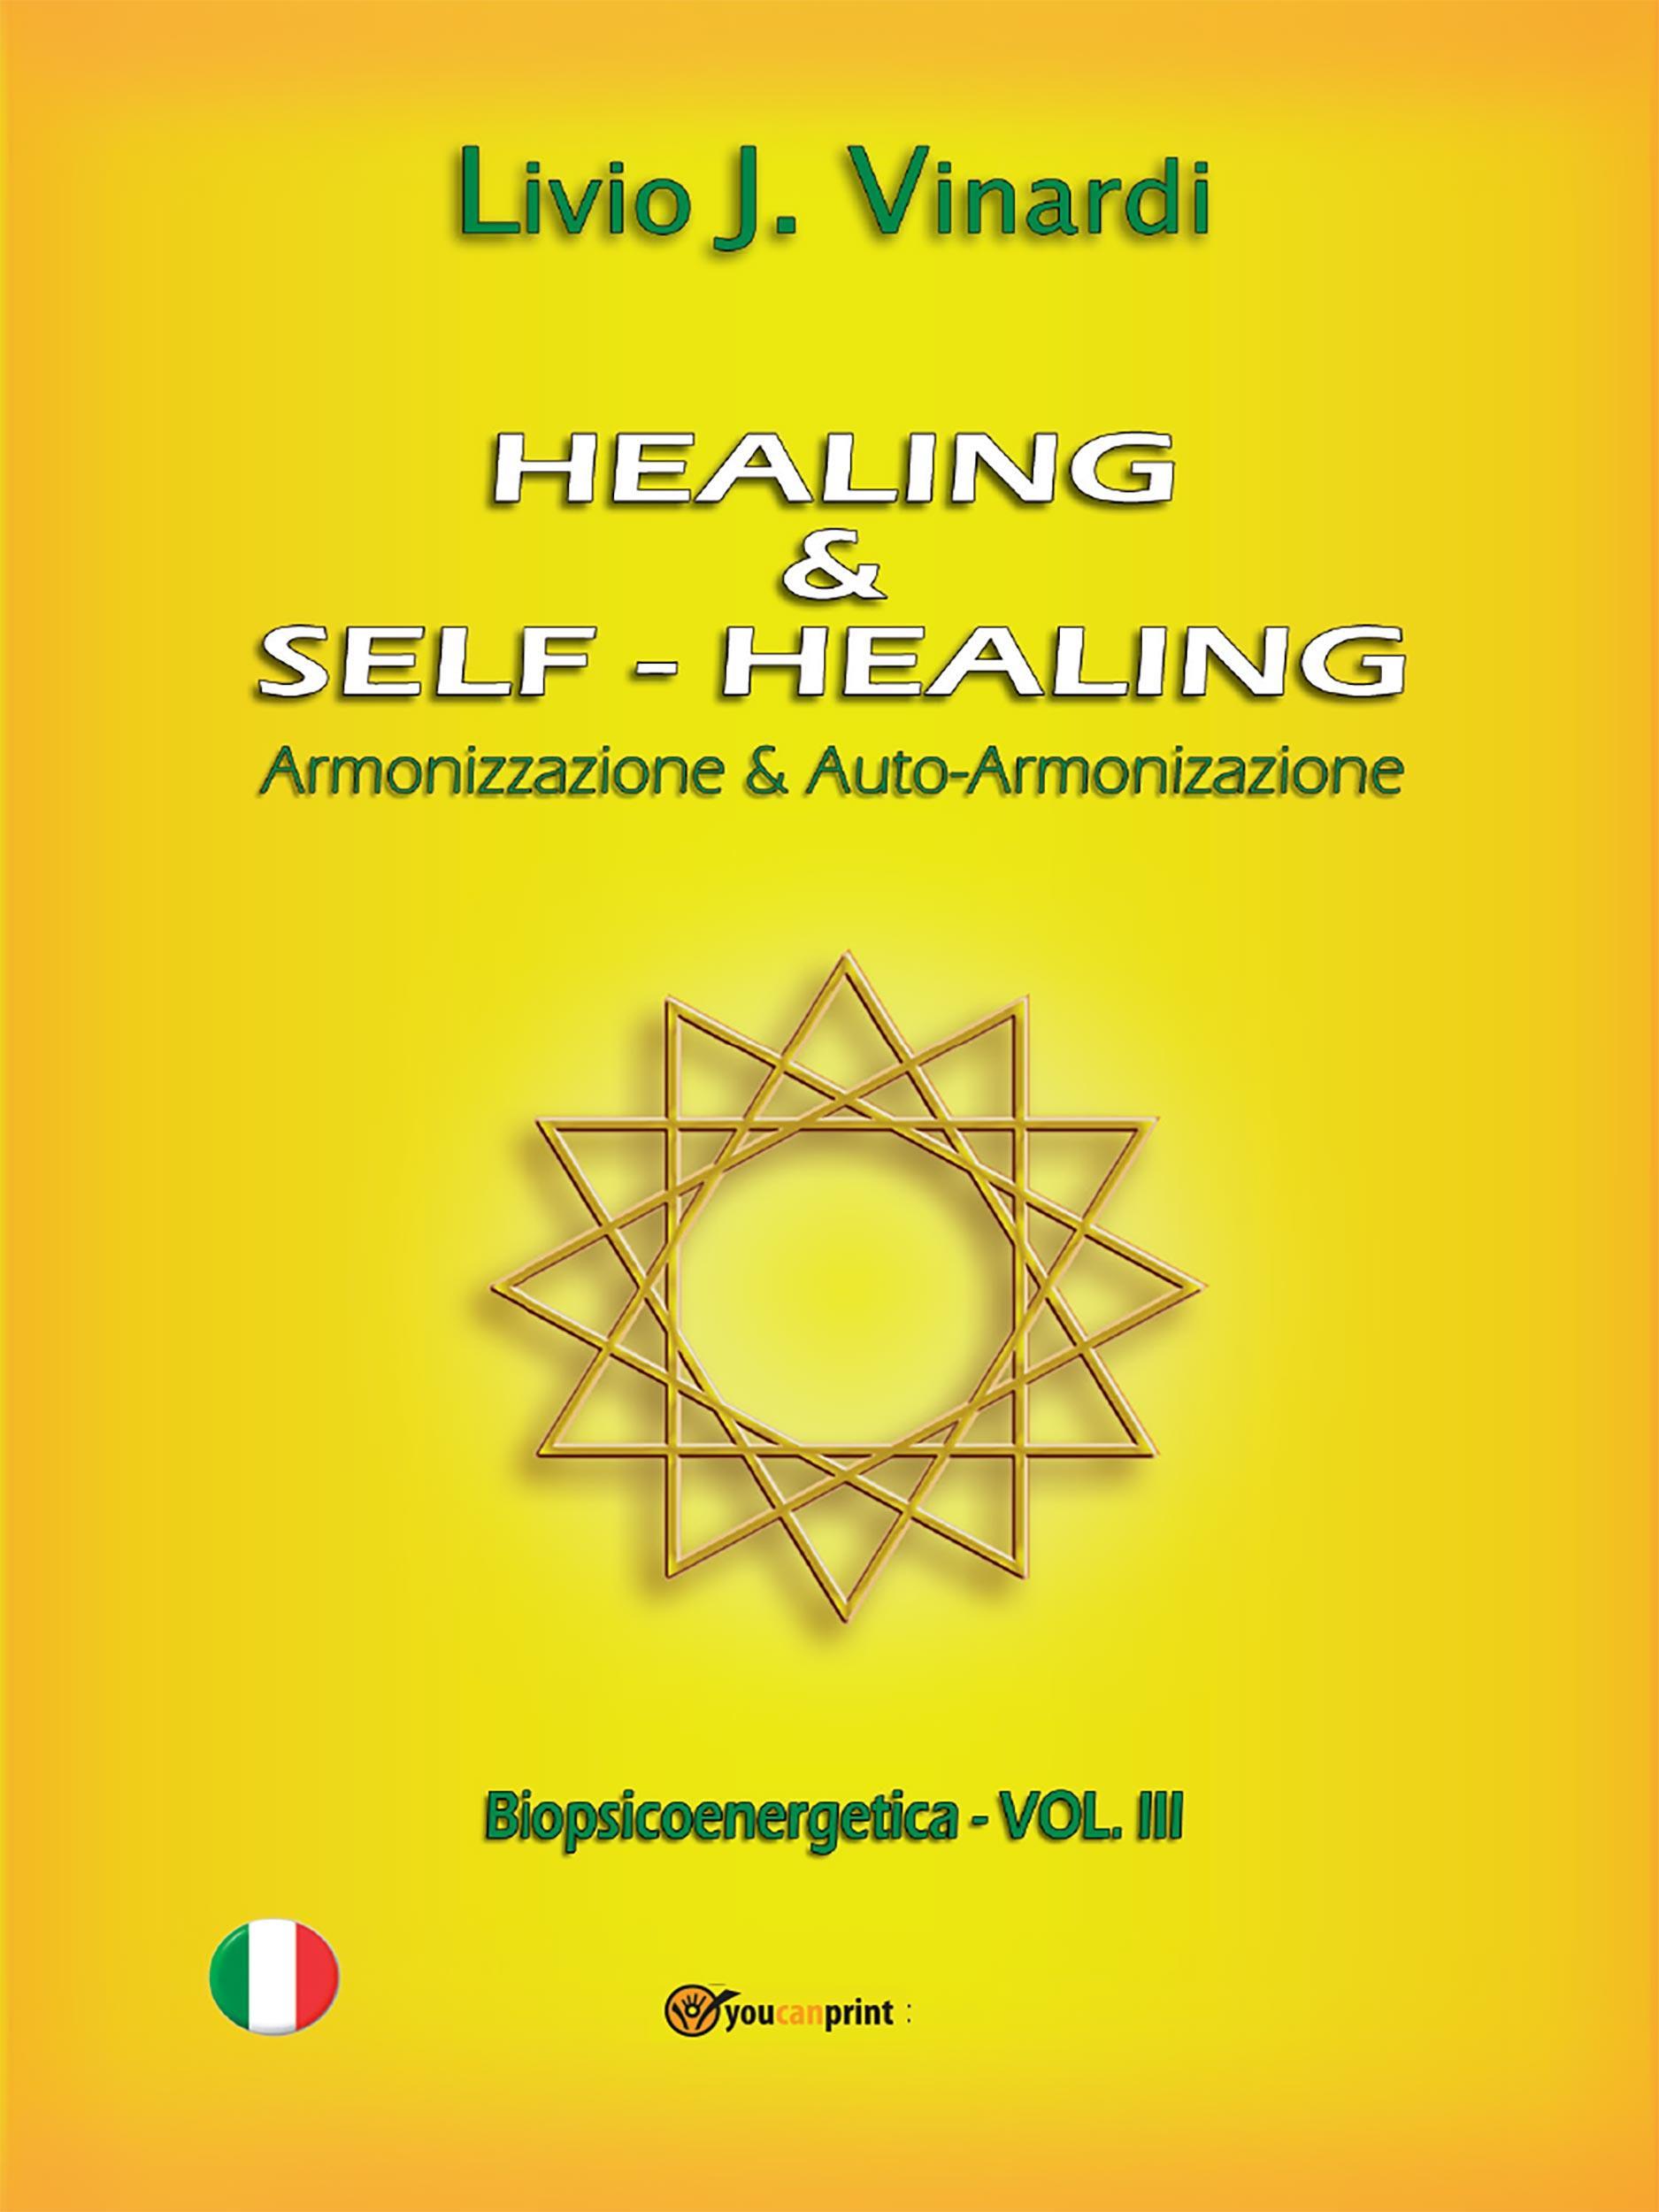 Healing & Self-Healing. Armonizzazione & Auto-Armonizzazione